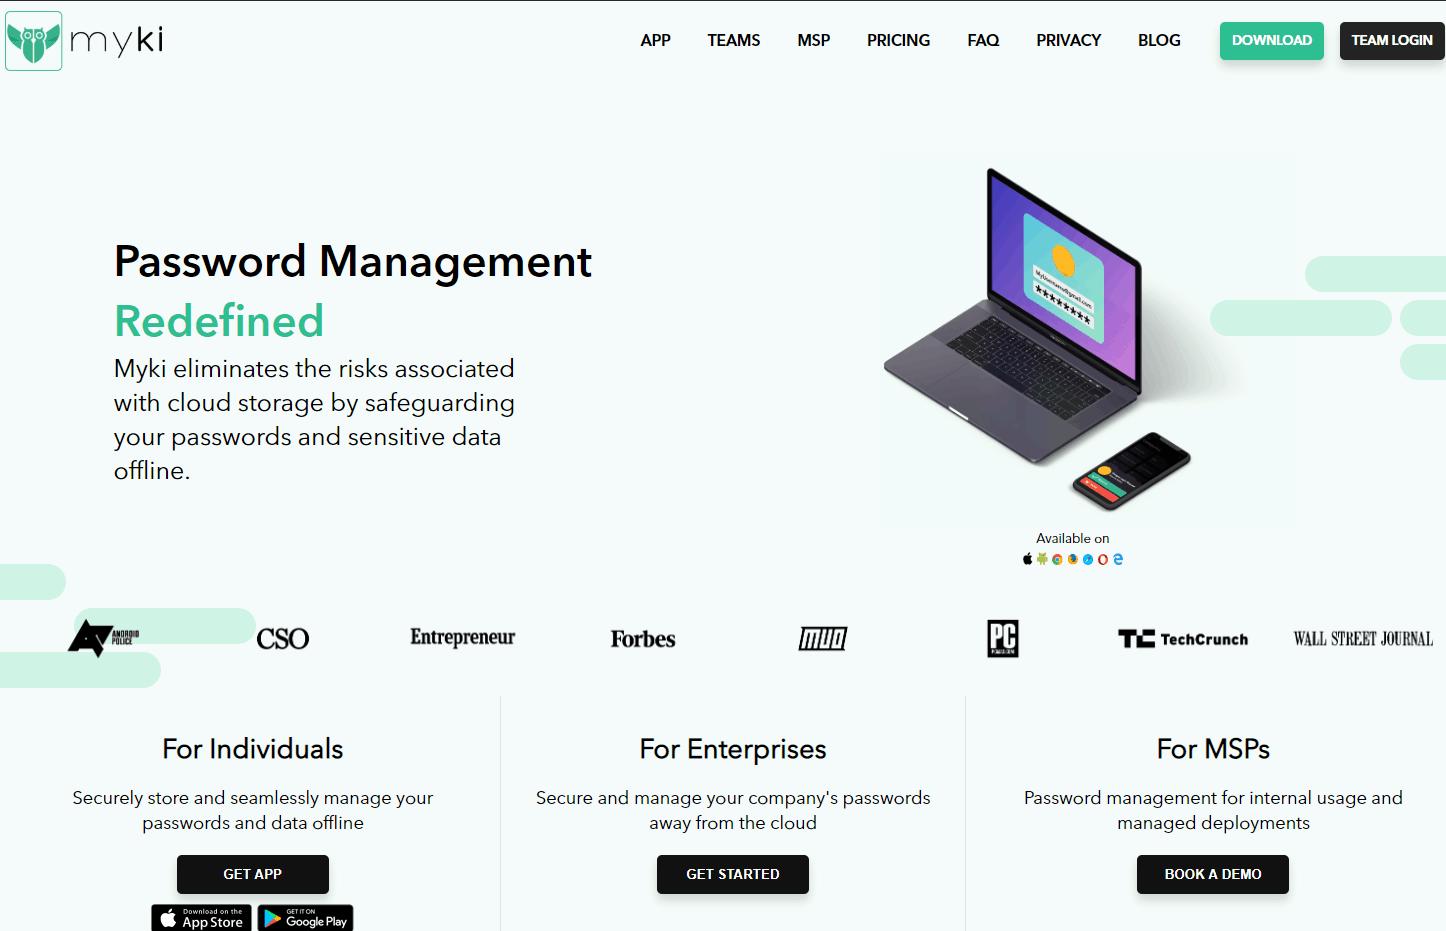 Myki Homepage